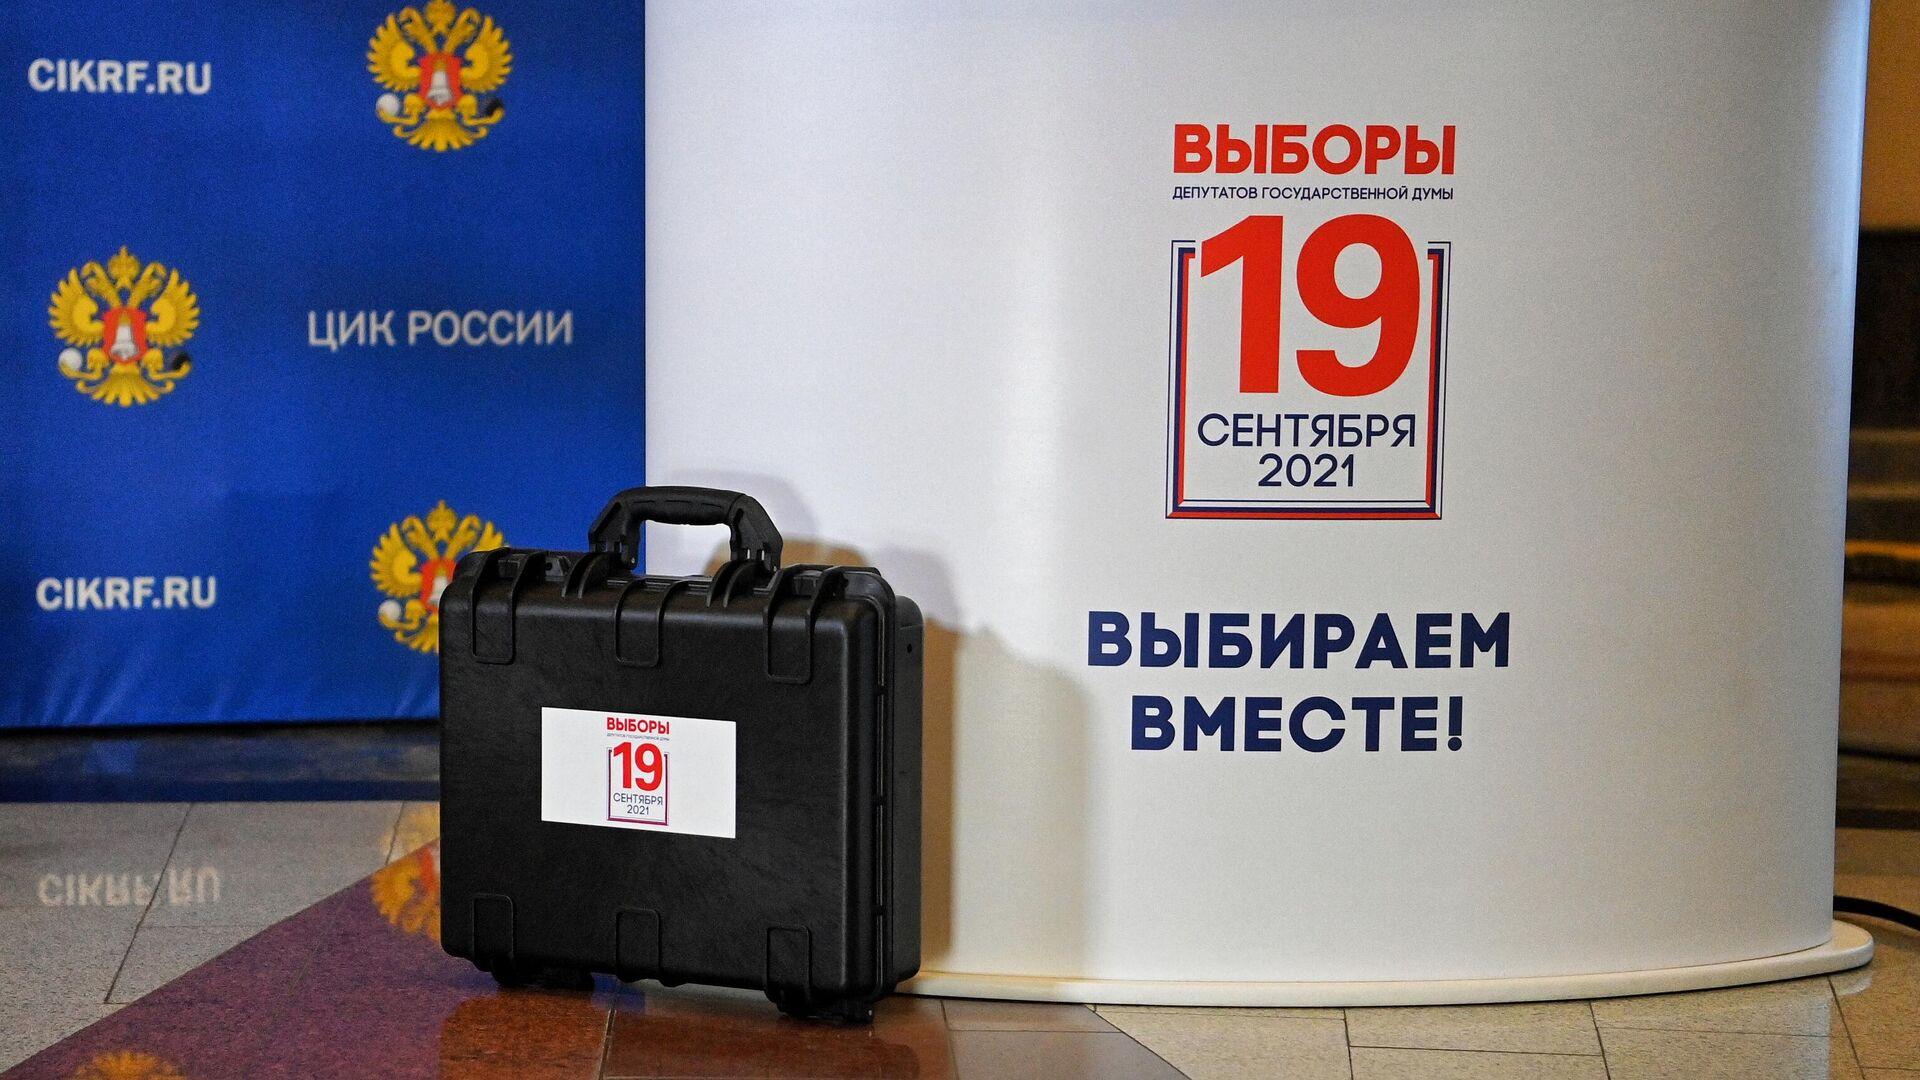 Работа Информационного центра ЦИК РФ  - РИА Новости, 1920, 20.09.2021